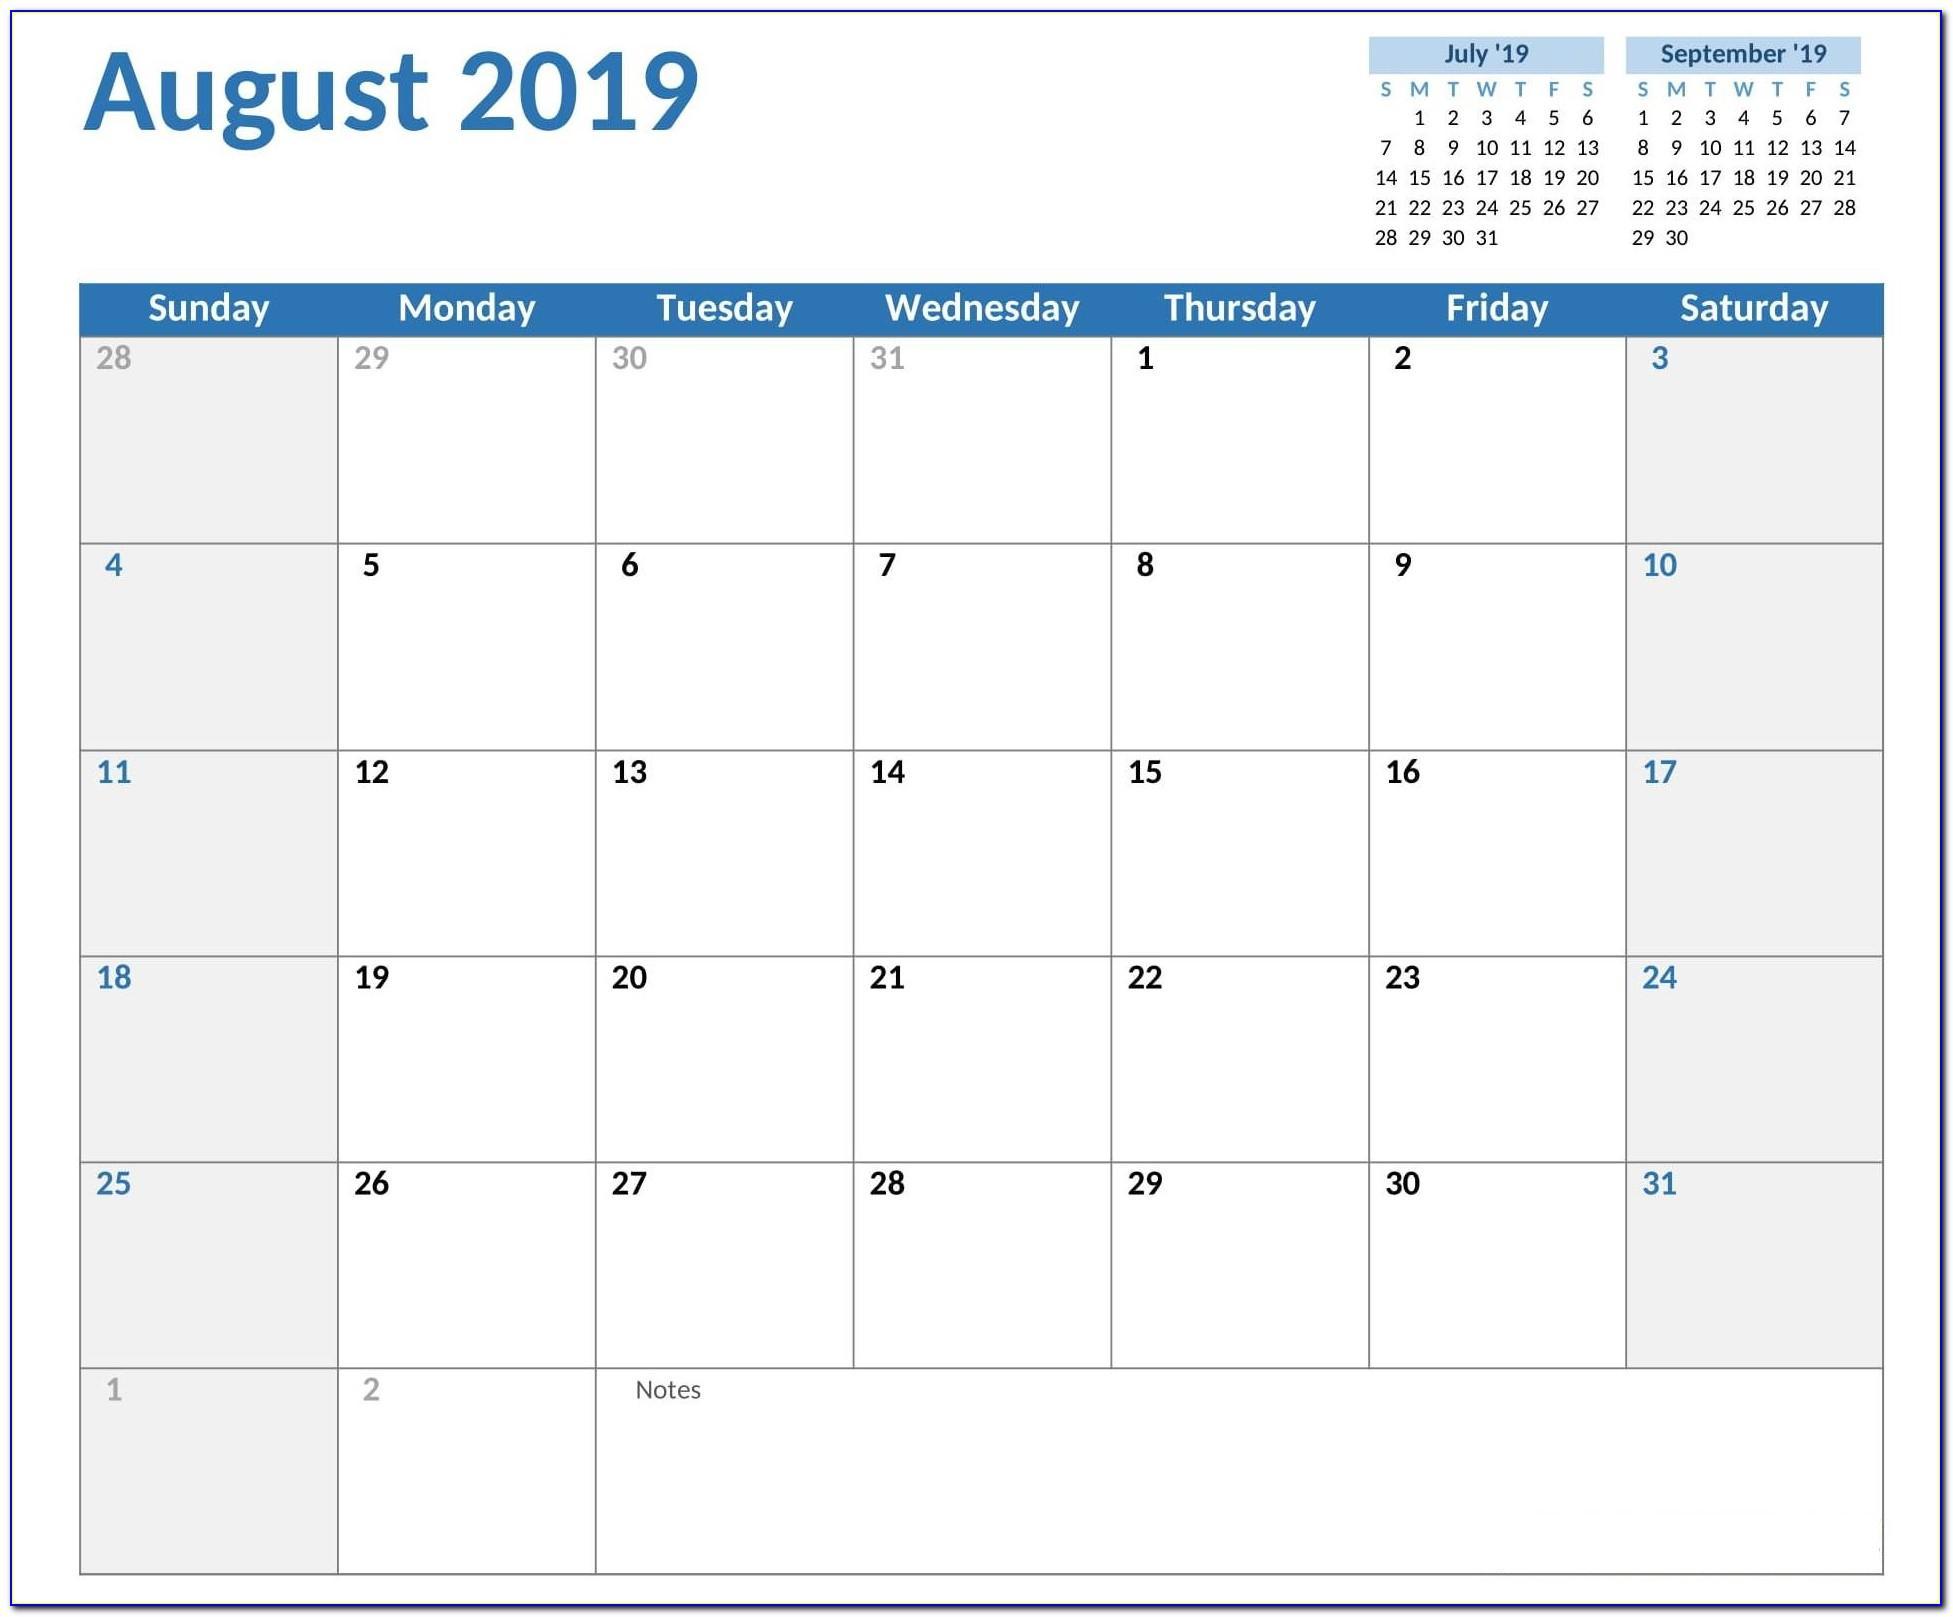 Employee Schedule Gantt Chart Template